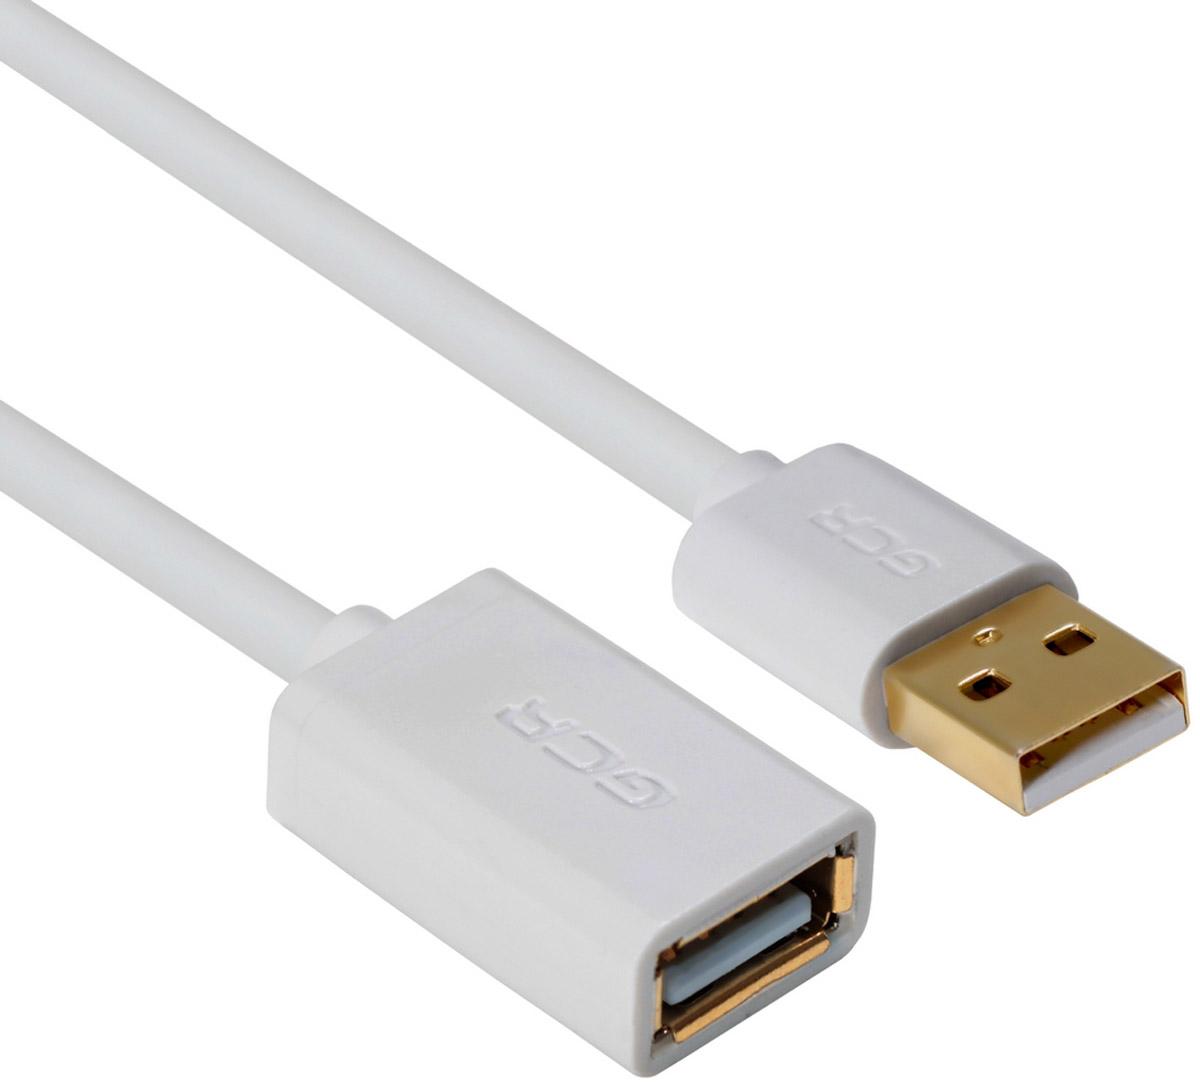 Greenconnect Russia GCR-UEC5M-AAG, White удлинитель USB 2.0 (1 м)GCR-UEC5M-AAG-1.0mКабель-удлинитель USB 2.0 Greenconnect Russia GCR-UEC5M-AAG позволит увеличить расстояние до подключаемого устройства. Может быть использован с различными USB девайсами. Экранирование кабеля защищает сигнал при передаче от влияния внешних полей, способных создать помехи.